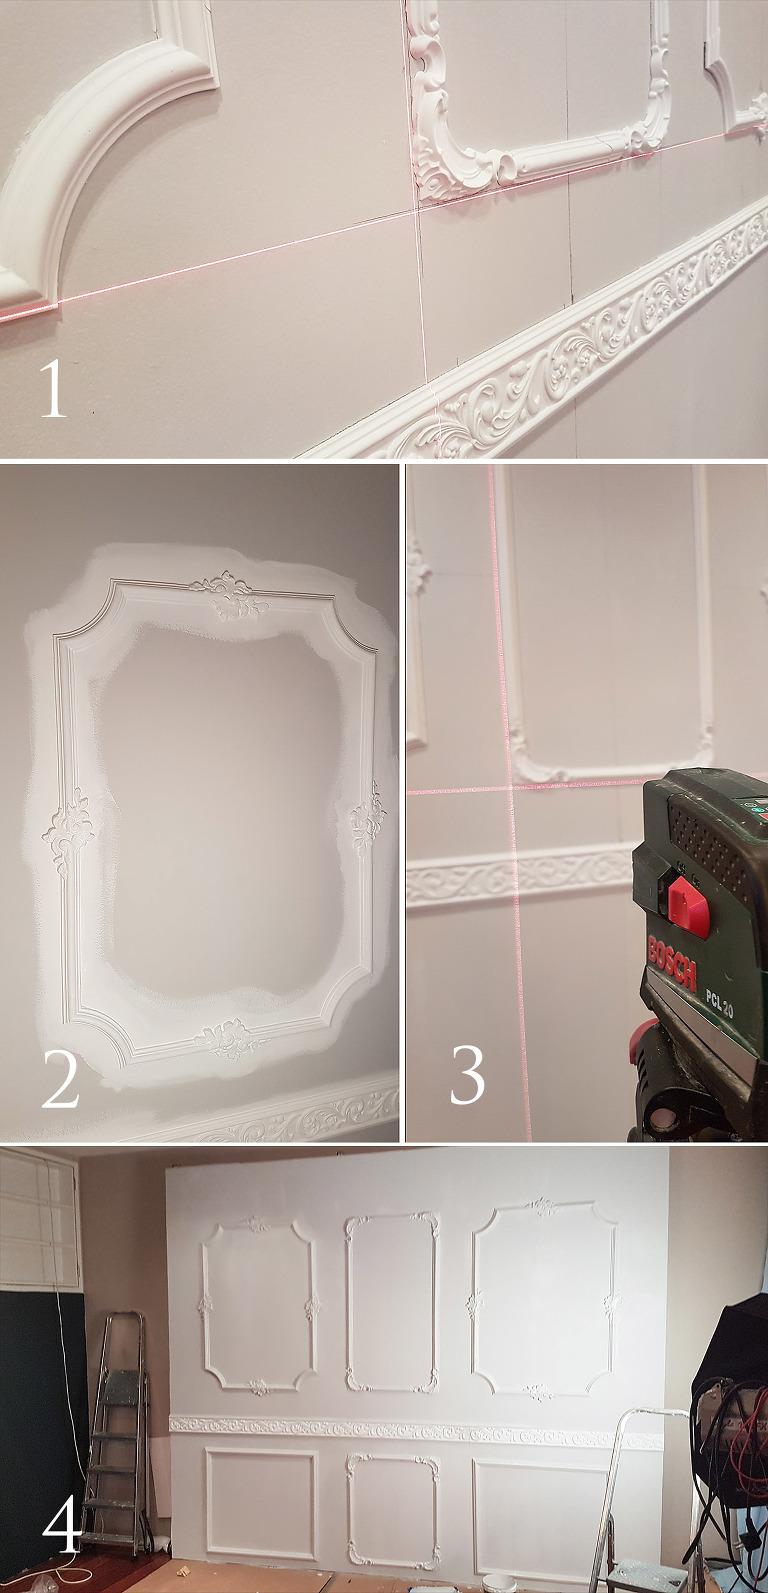 stukkatur-rosett-krystall-krone-male-gull-hvordan-sarpsborg-stukk-interiør-vegg-list-dekor-veggdekor-border-lage